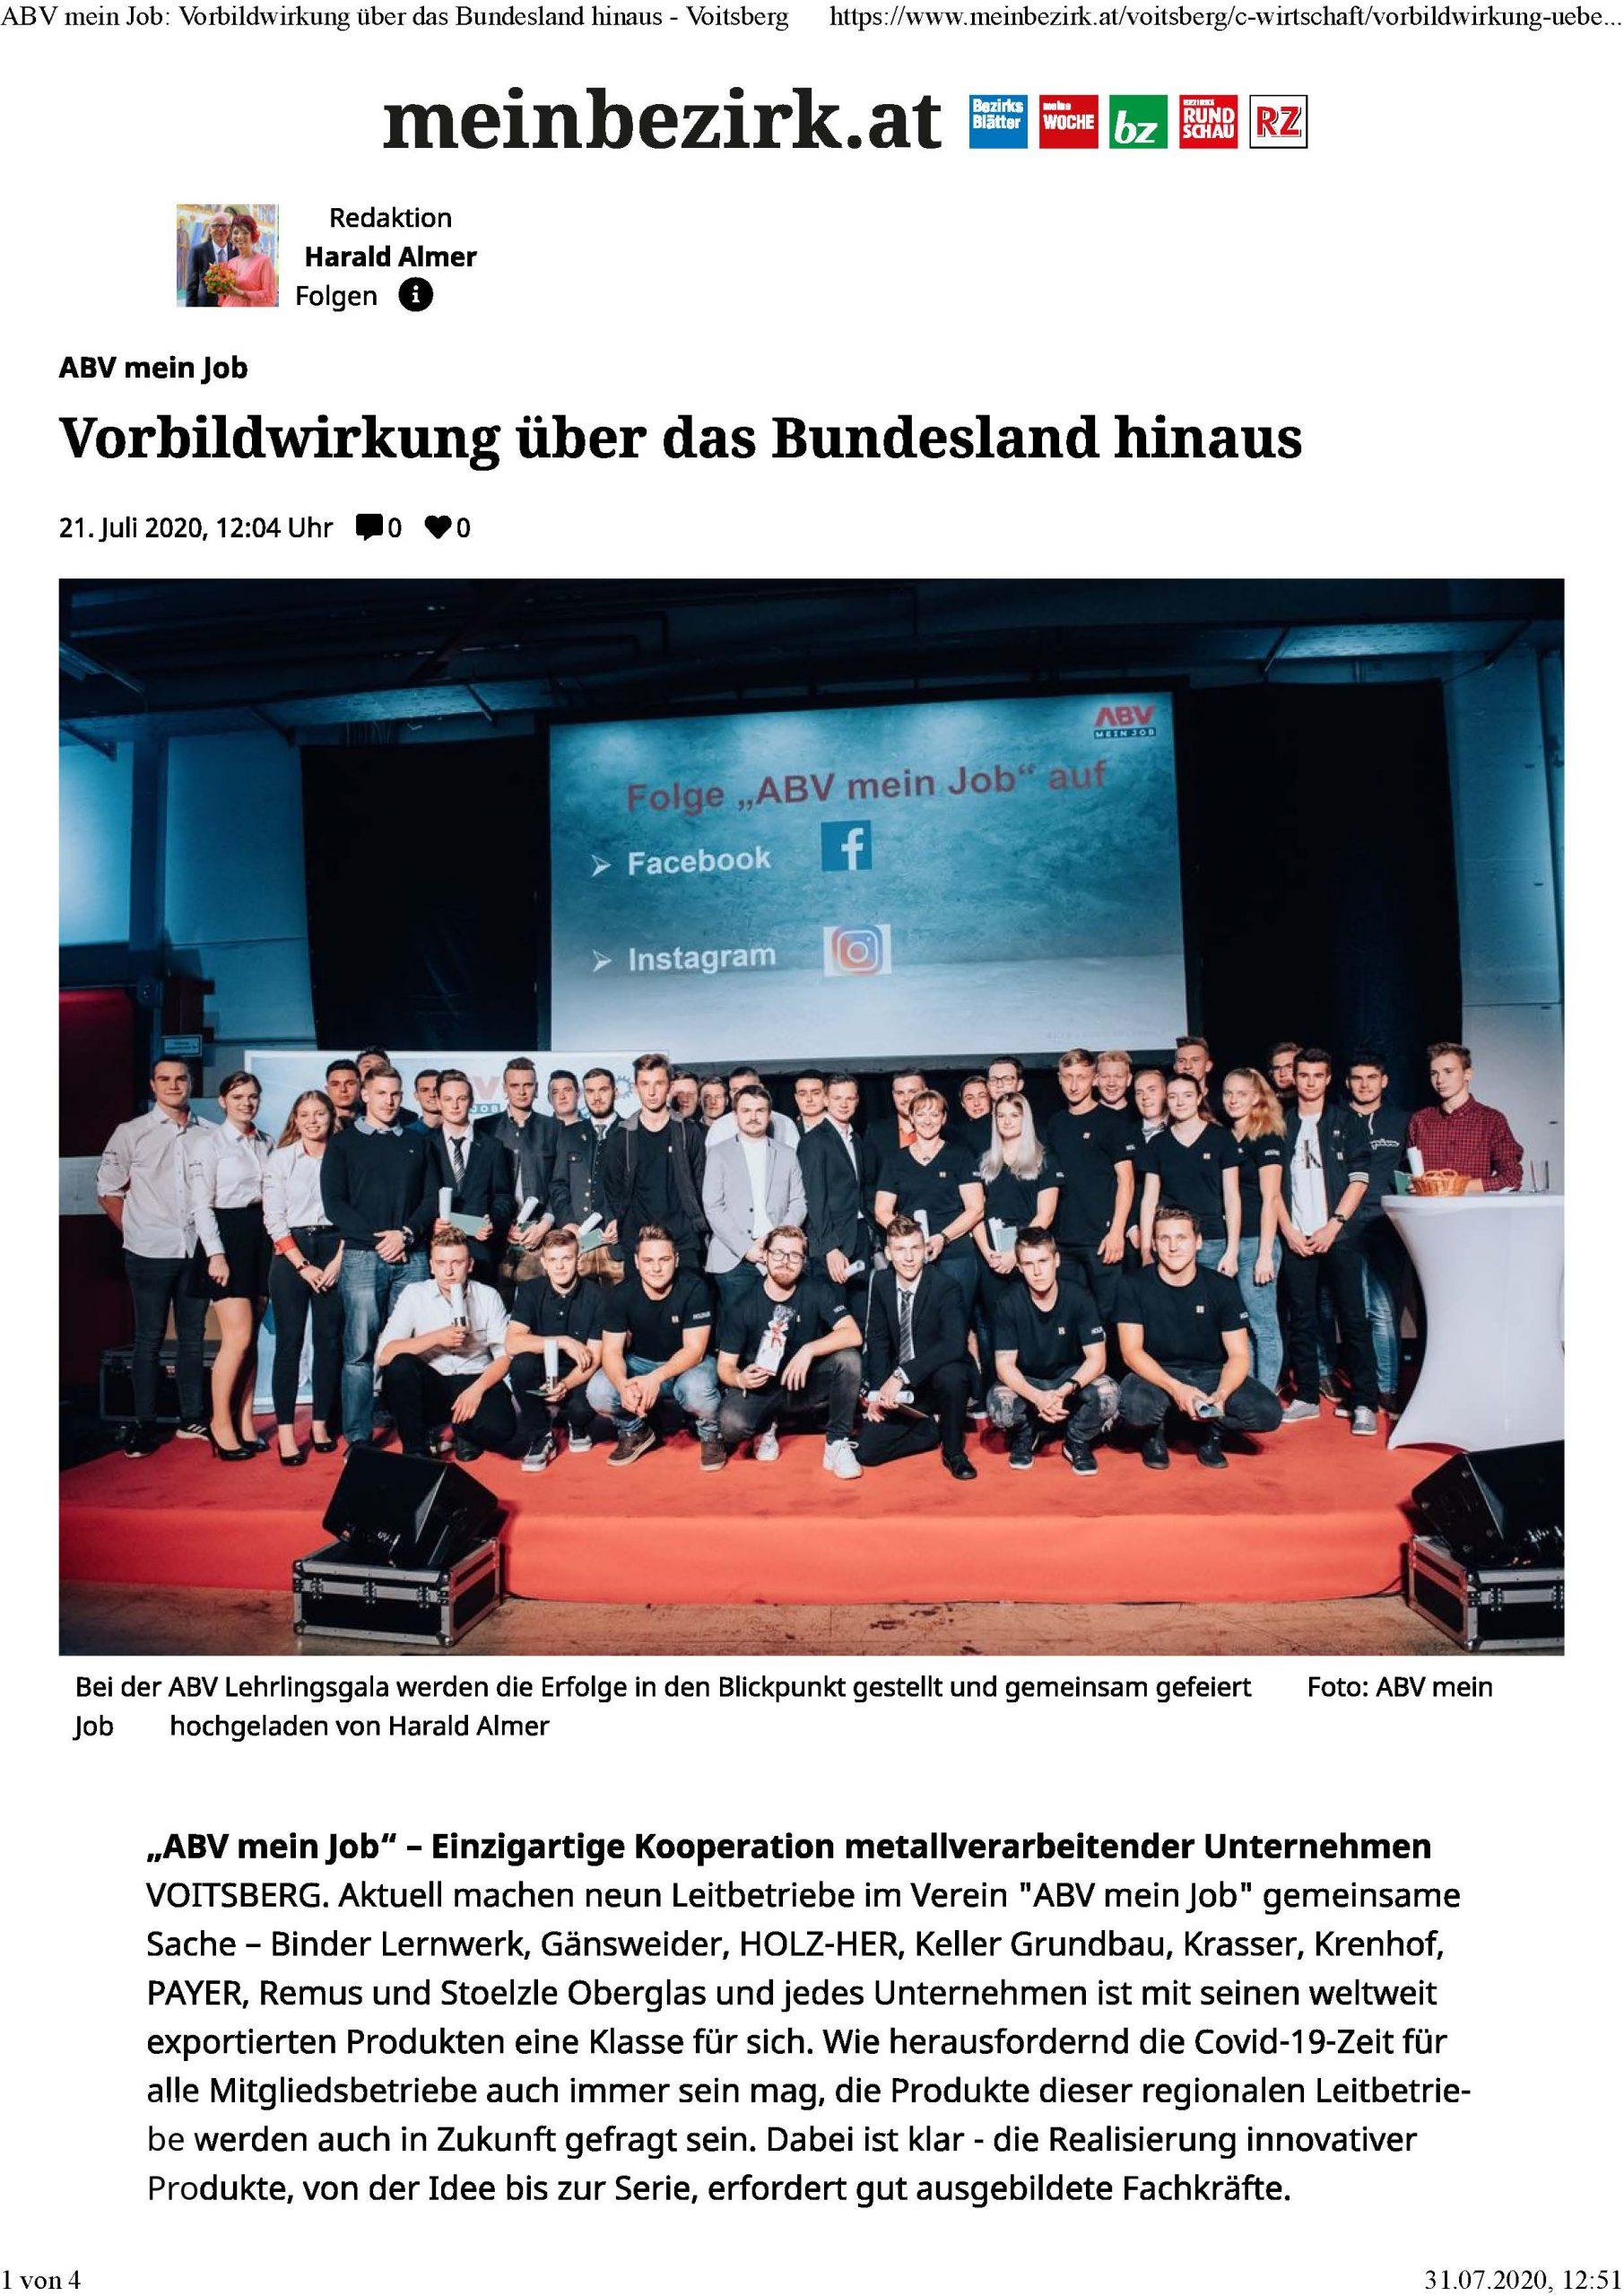 2020-07-21_MeinBezirk.at_ABV mein Job-Vorbildwirkung über das Bundesland hinaus_Seite_1